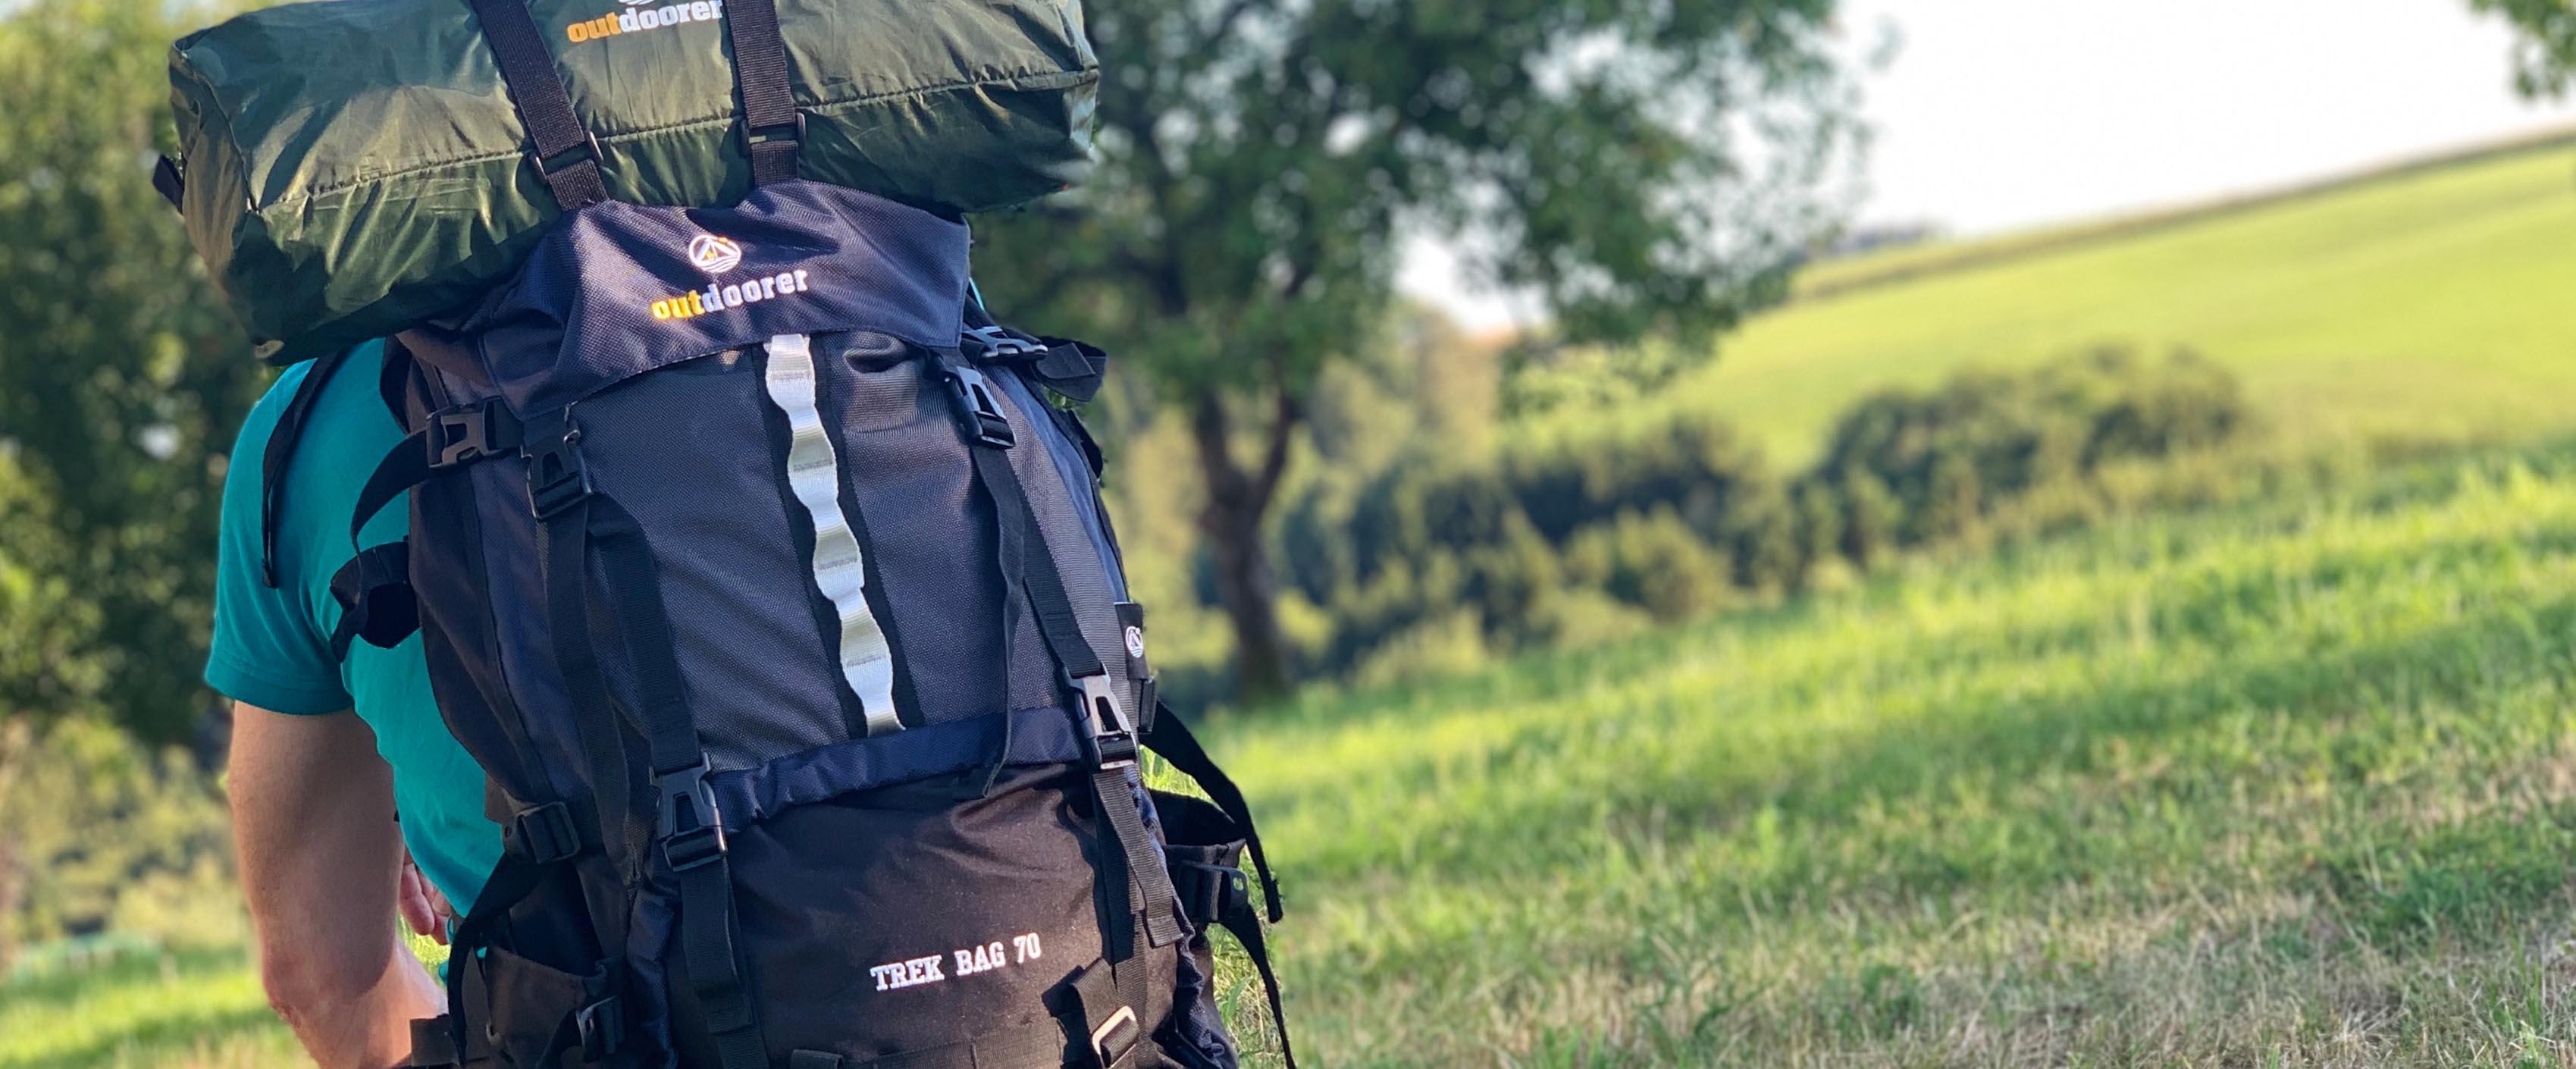 trekkingrucksack, outdoorer